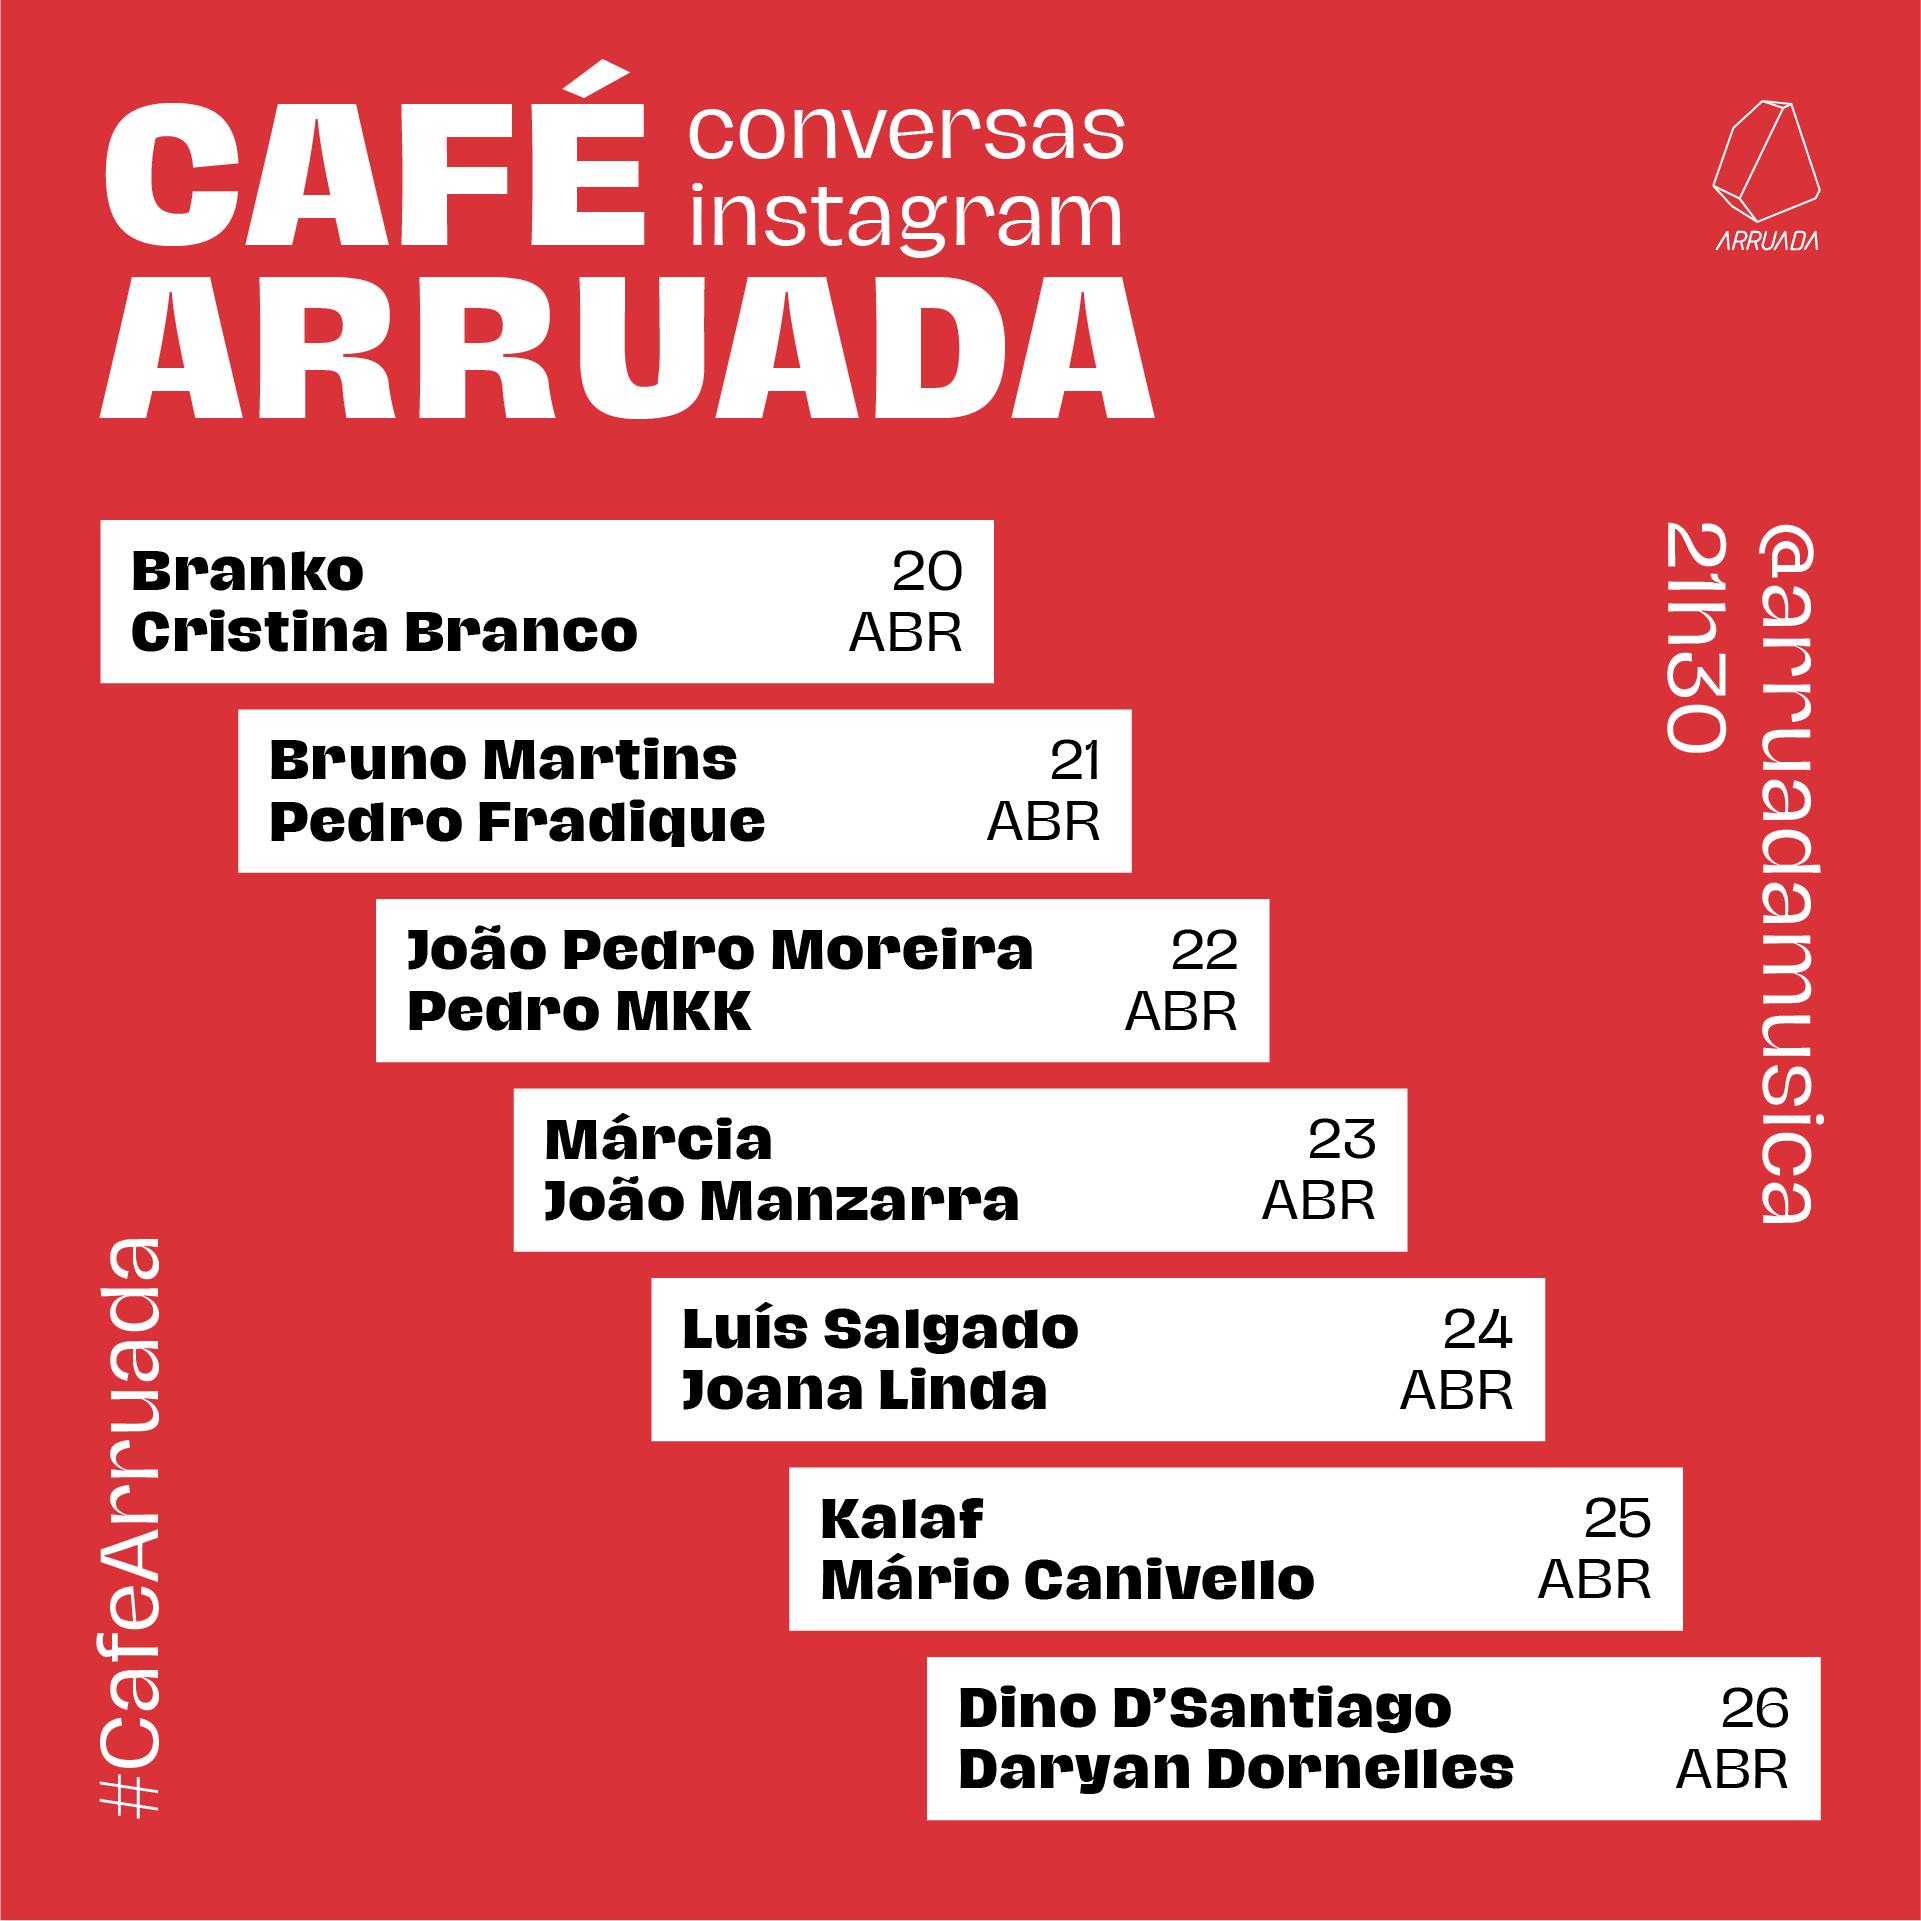 Café Arruada: conversas em directo no Instagram com músicos, fotógrafos, realizadores ou programadores